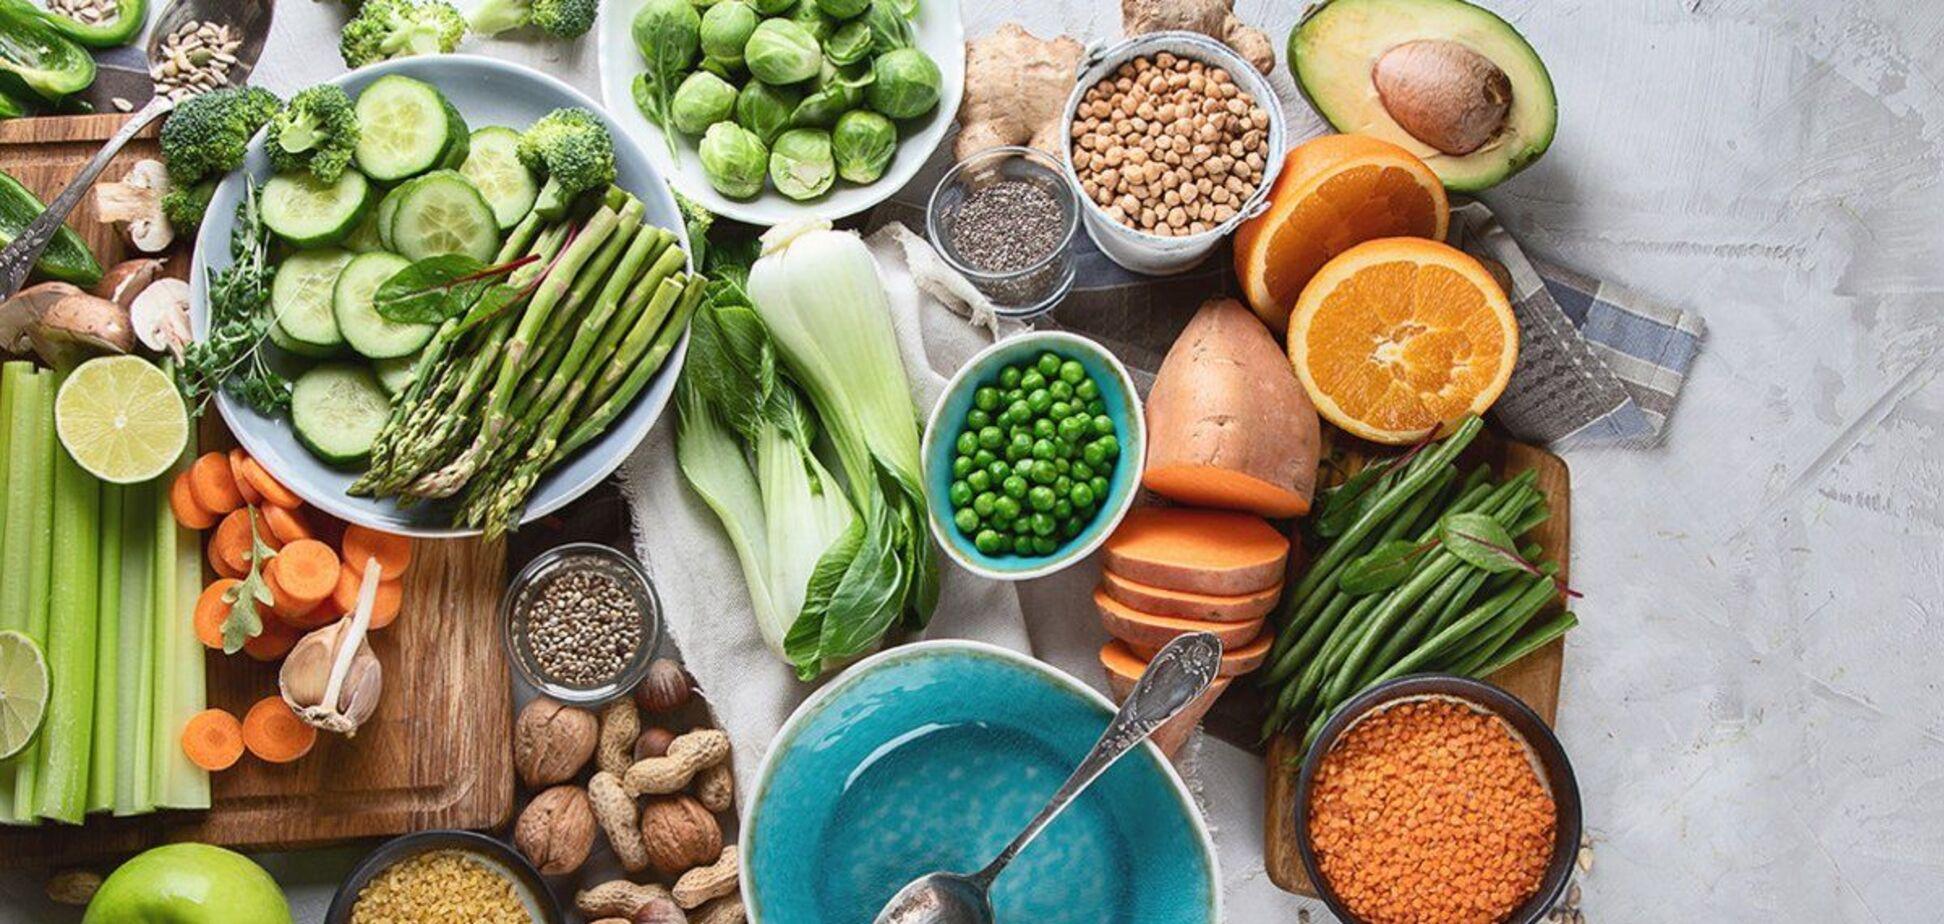 Названы овощи, которые помогут быстро похудеть. Источник: maximum.fm